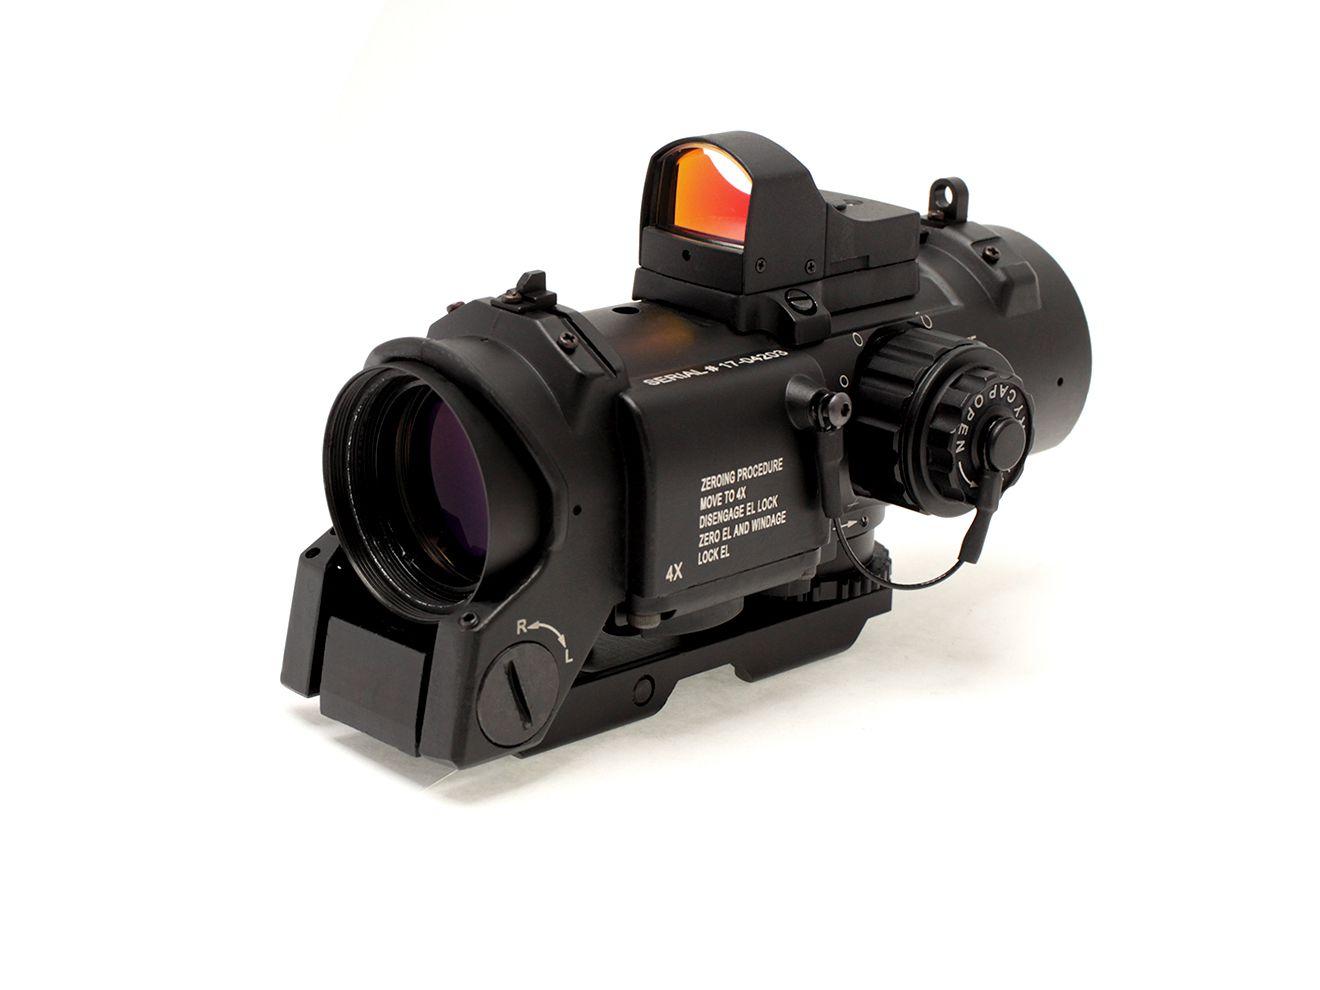 MILITARY-BASE(ミリタリーベース)SPECTER DR X4スコープ/BK 自動調光ミニダットサイト付★エルカンスペクターDRマルイM4M16レシーライフル